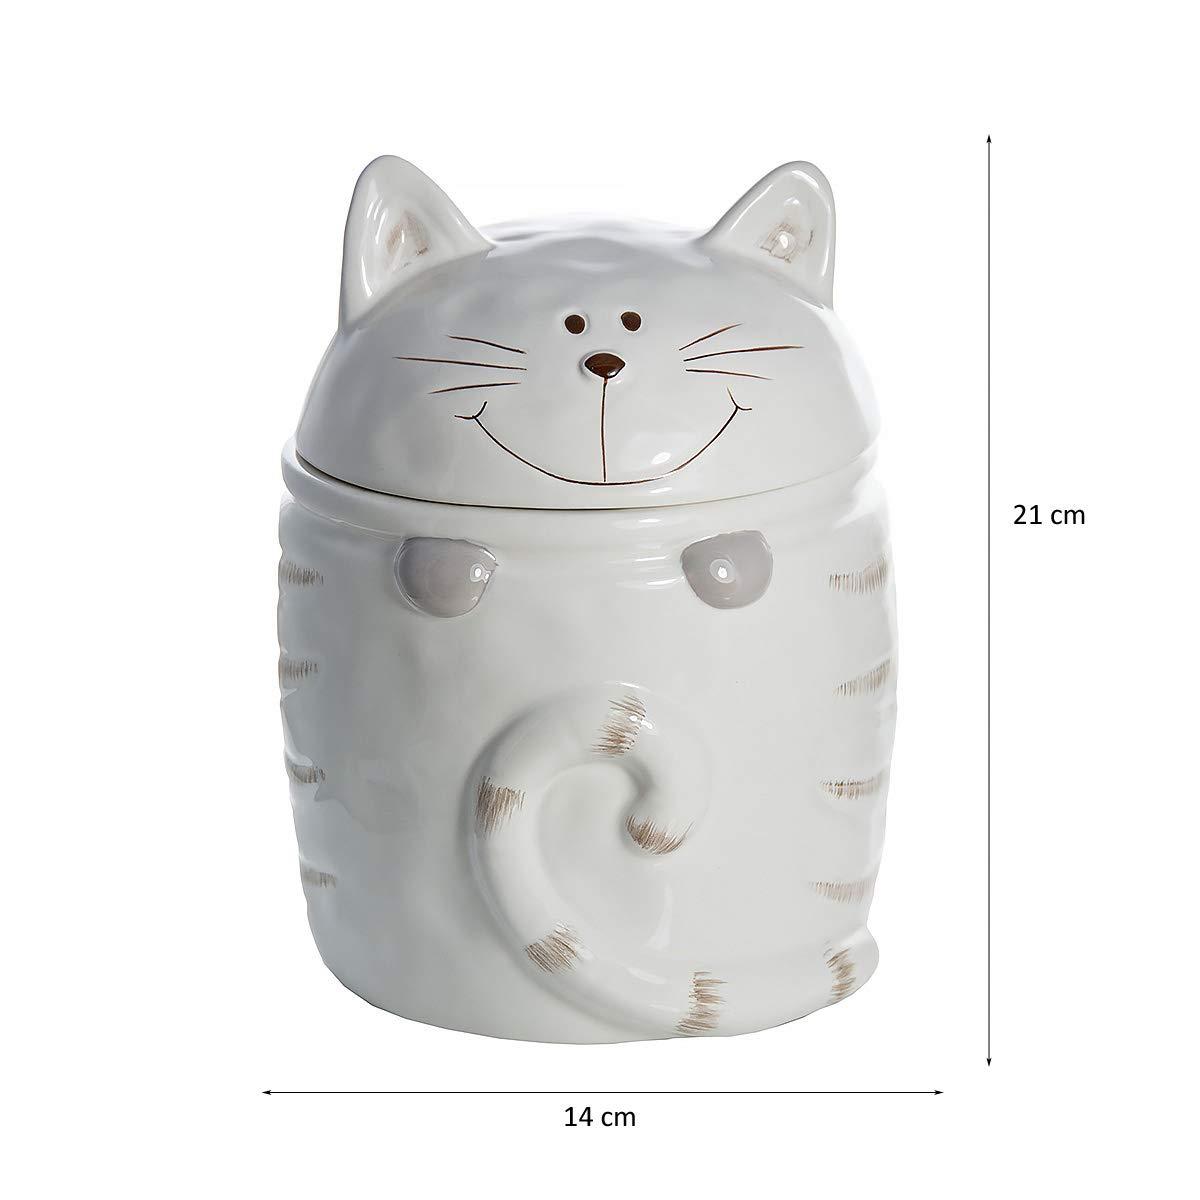 Regalo para el Amante de los Gatos Blanco con dise/ño de Gato SPOTTED DOG GIFT COMPANY Botes para Galletas Cookie Jar Tarro para Galletas de cer/ámica Grande Bote de Almacenamiento de Cocina